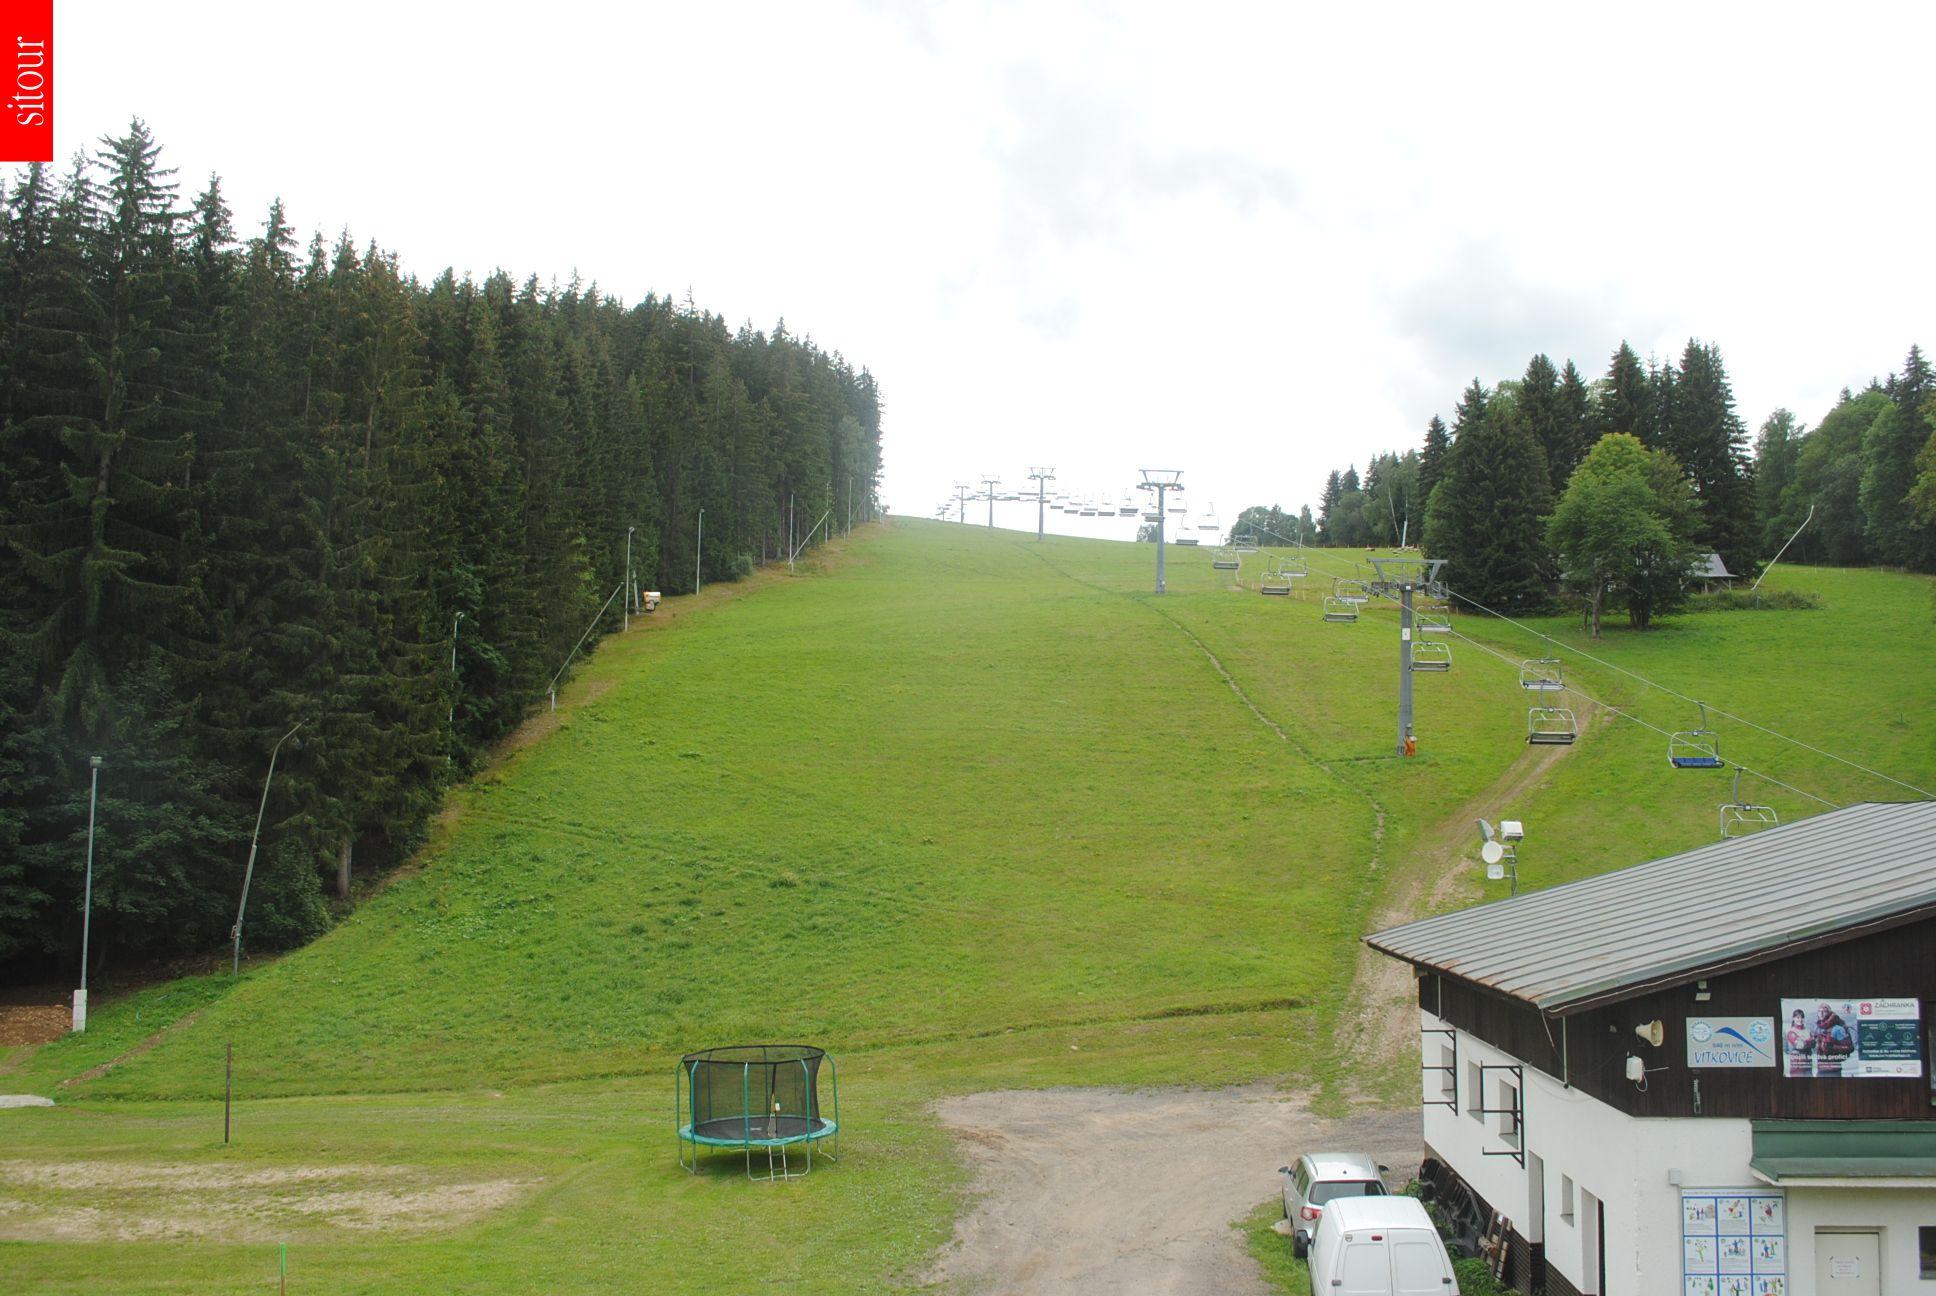 Webcam Ski Resort Vitkovice Aldrov - Giant Mountains